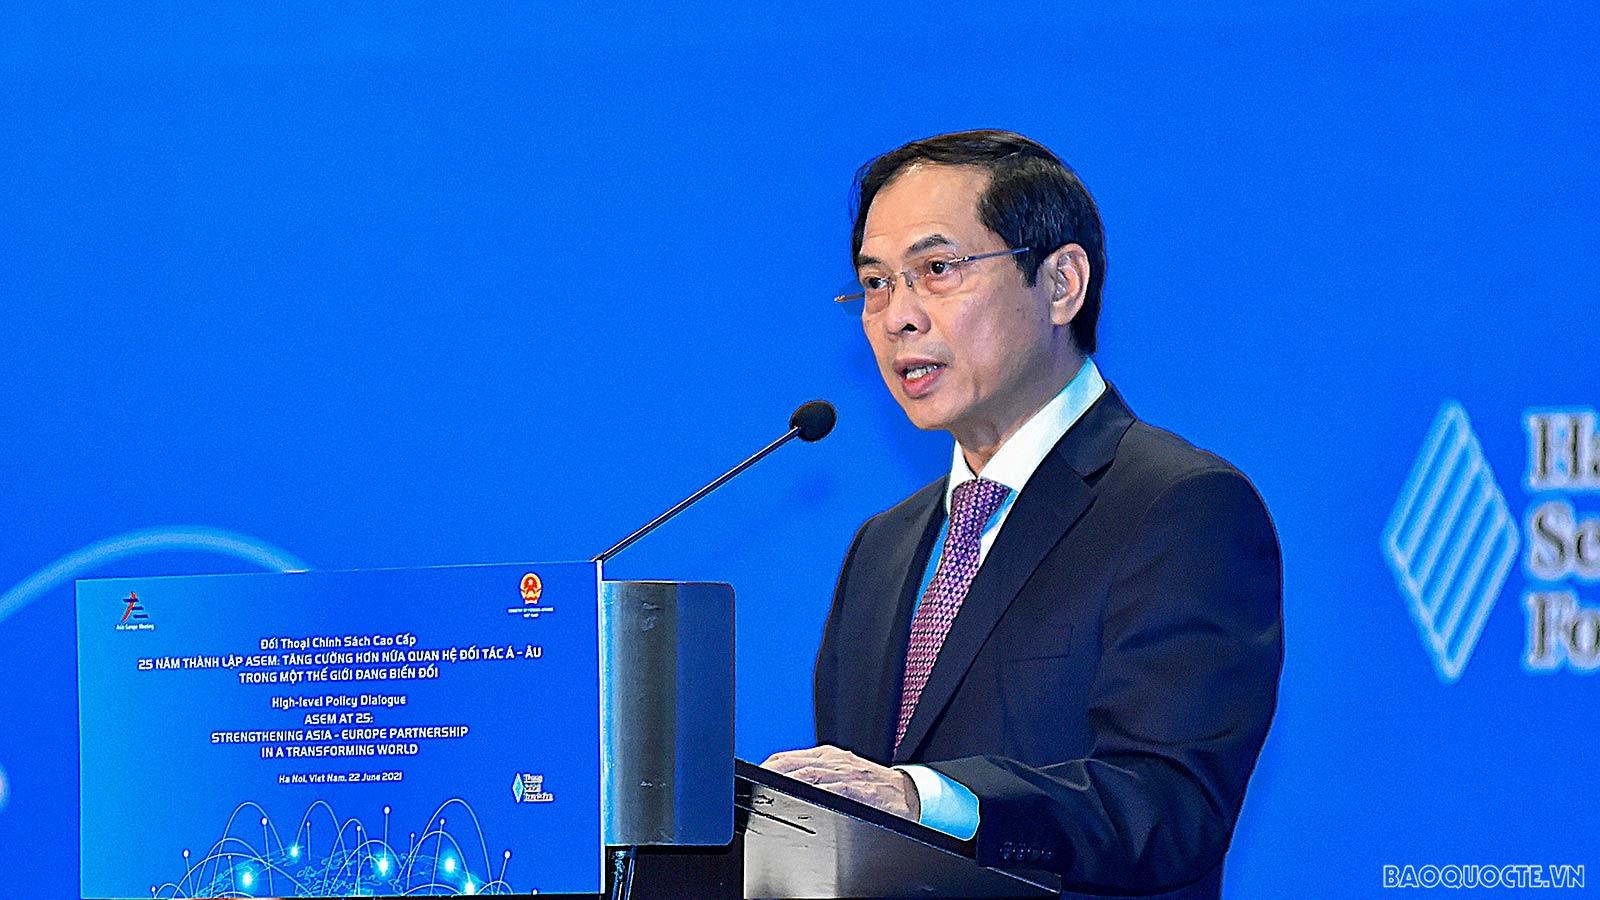 Kỷ niệm 25 năm thành lập ASEM: Bộ trưởng Ngoại giao Bùi Thanh Sơn đề xuất ba mục tiêu lớn mà ASEM cần hướng tới